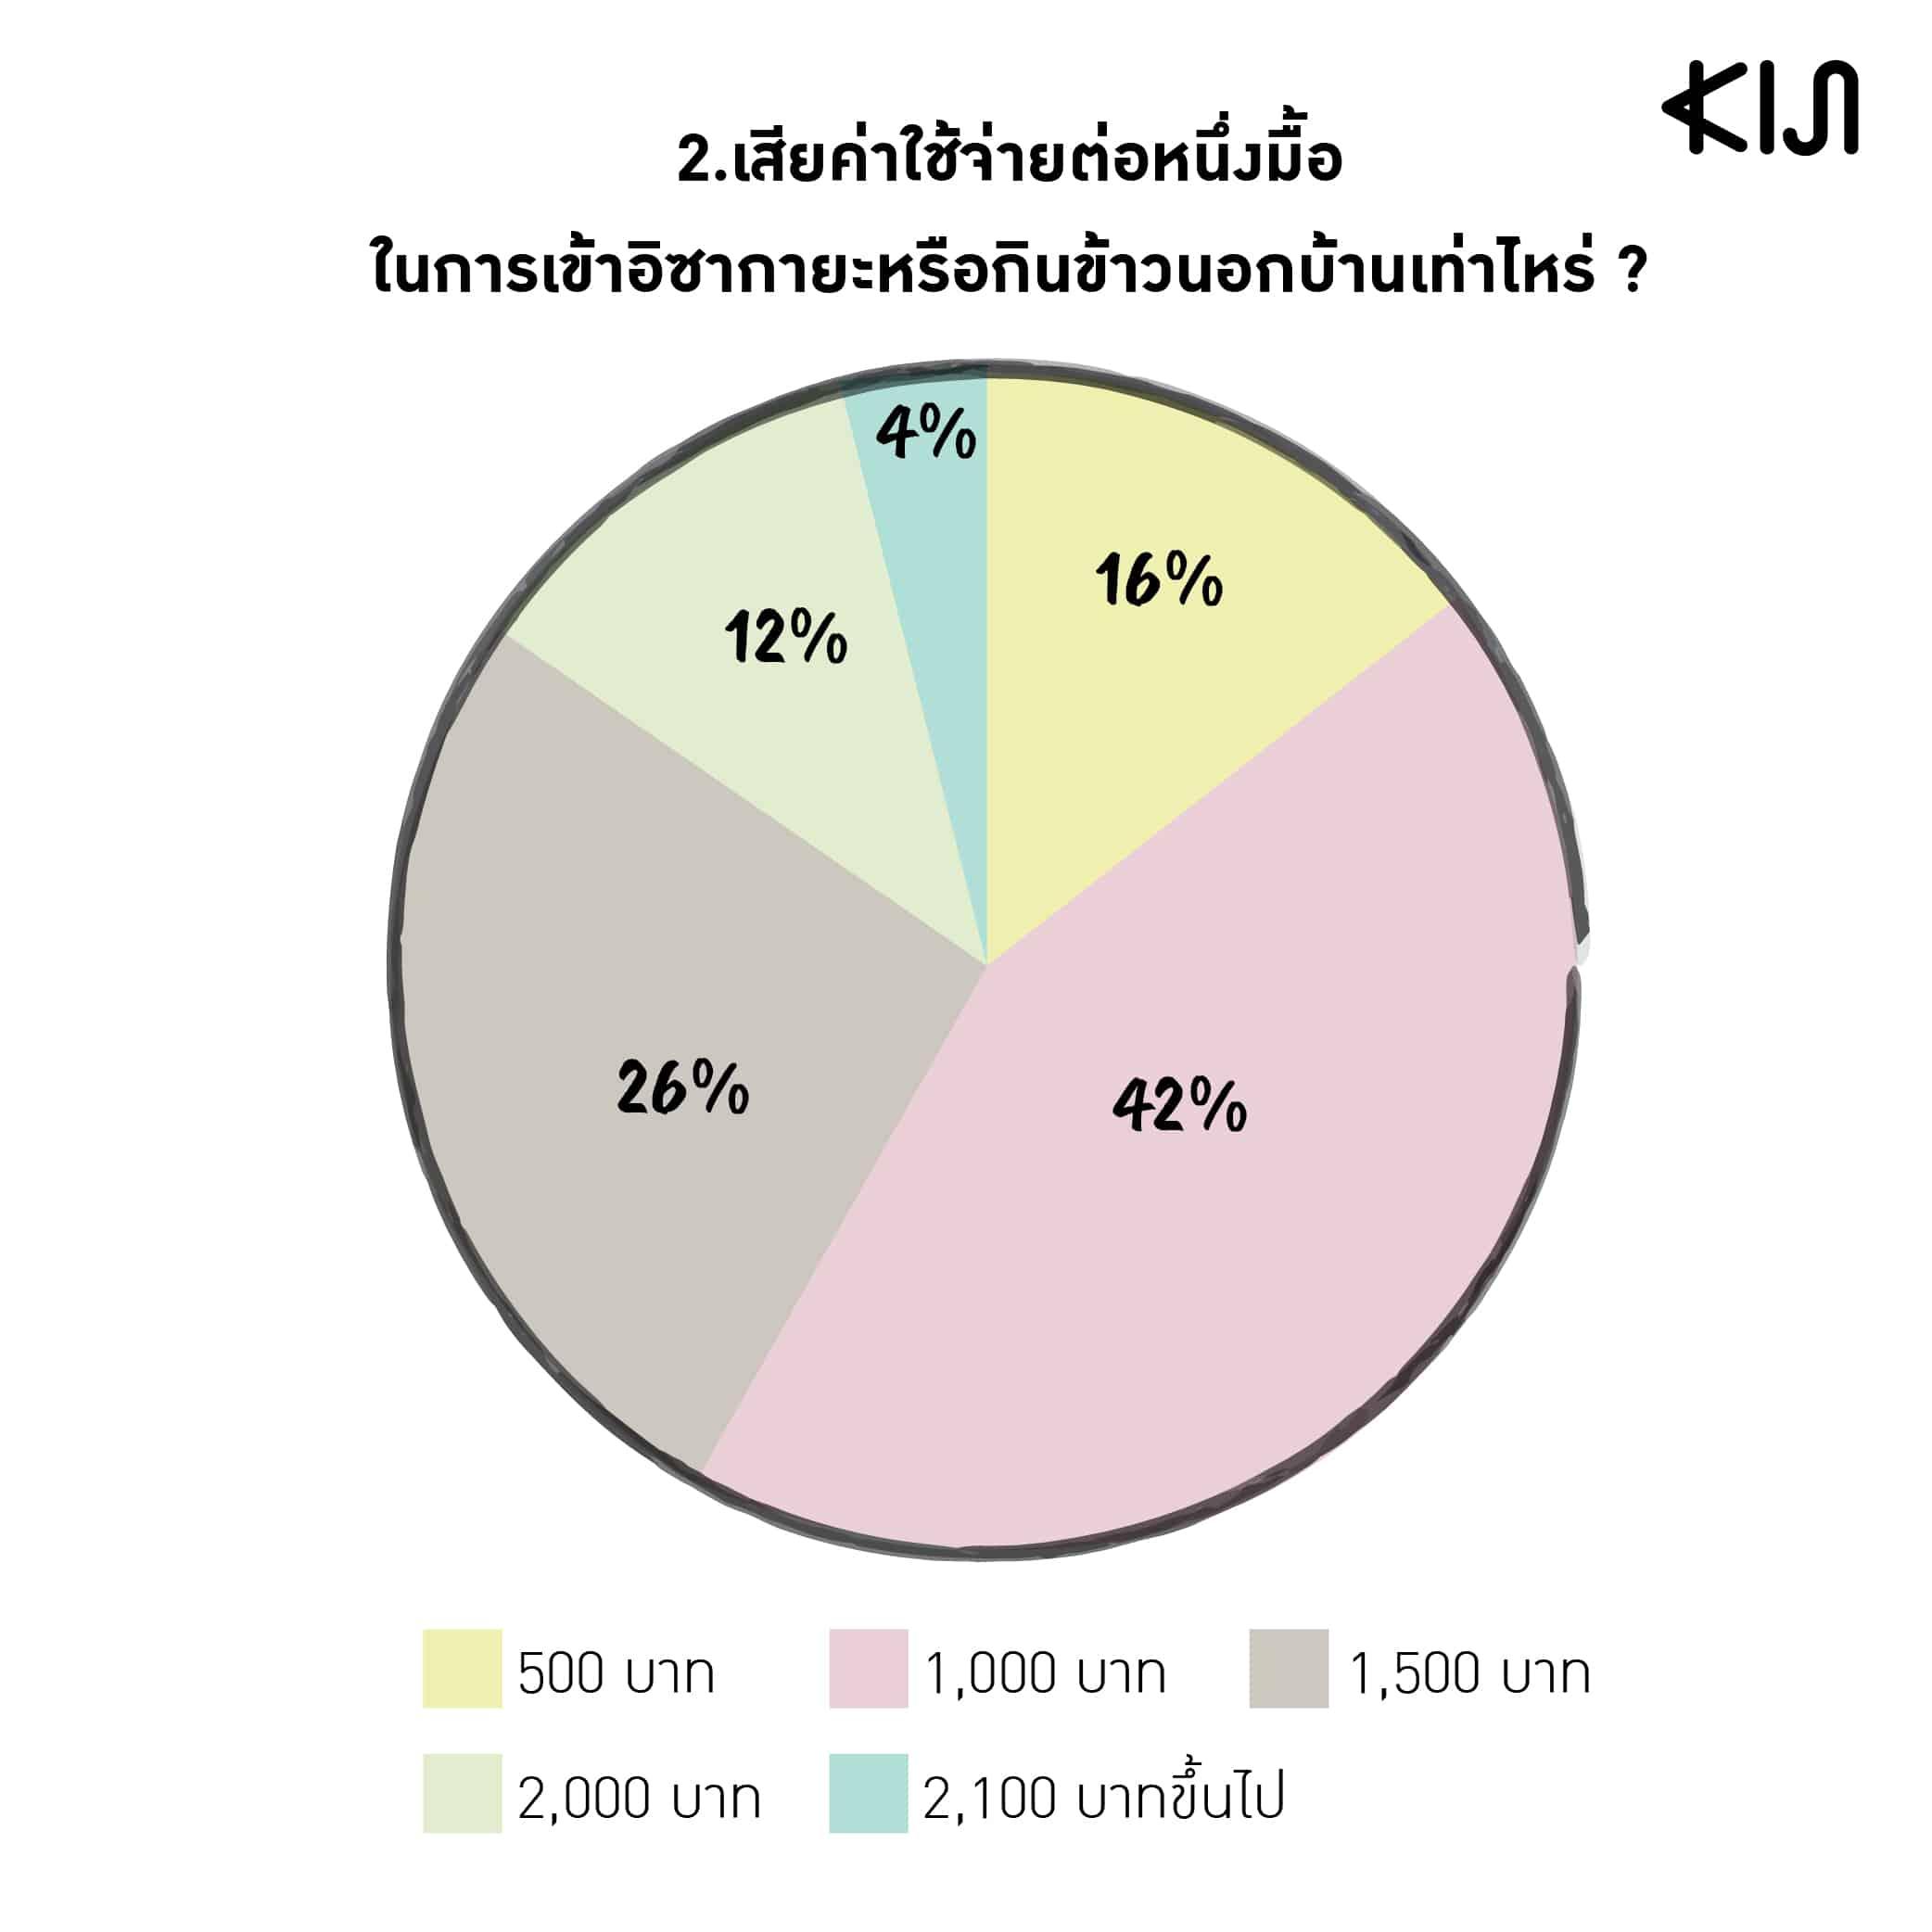 สถิติของพนักงานออฟฟิศคนญี่ปุ่นที่มาทำงานในเมืองไทย : เสียค่าใช้จ่ายต่อหนึ่งมื้อในการเข้าอิซากายะหรือกินข้าวนอกบ้านเท่าไหร่?